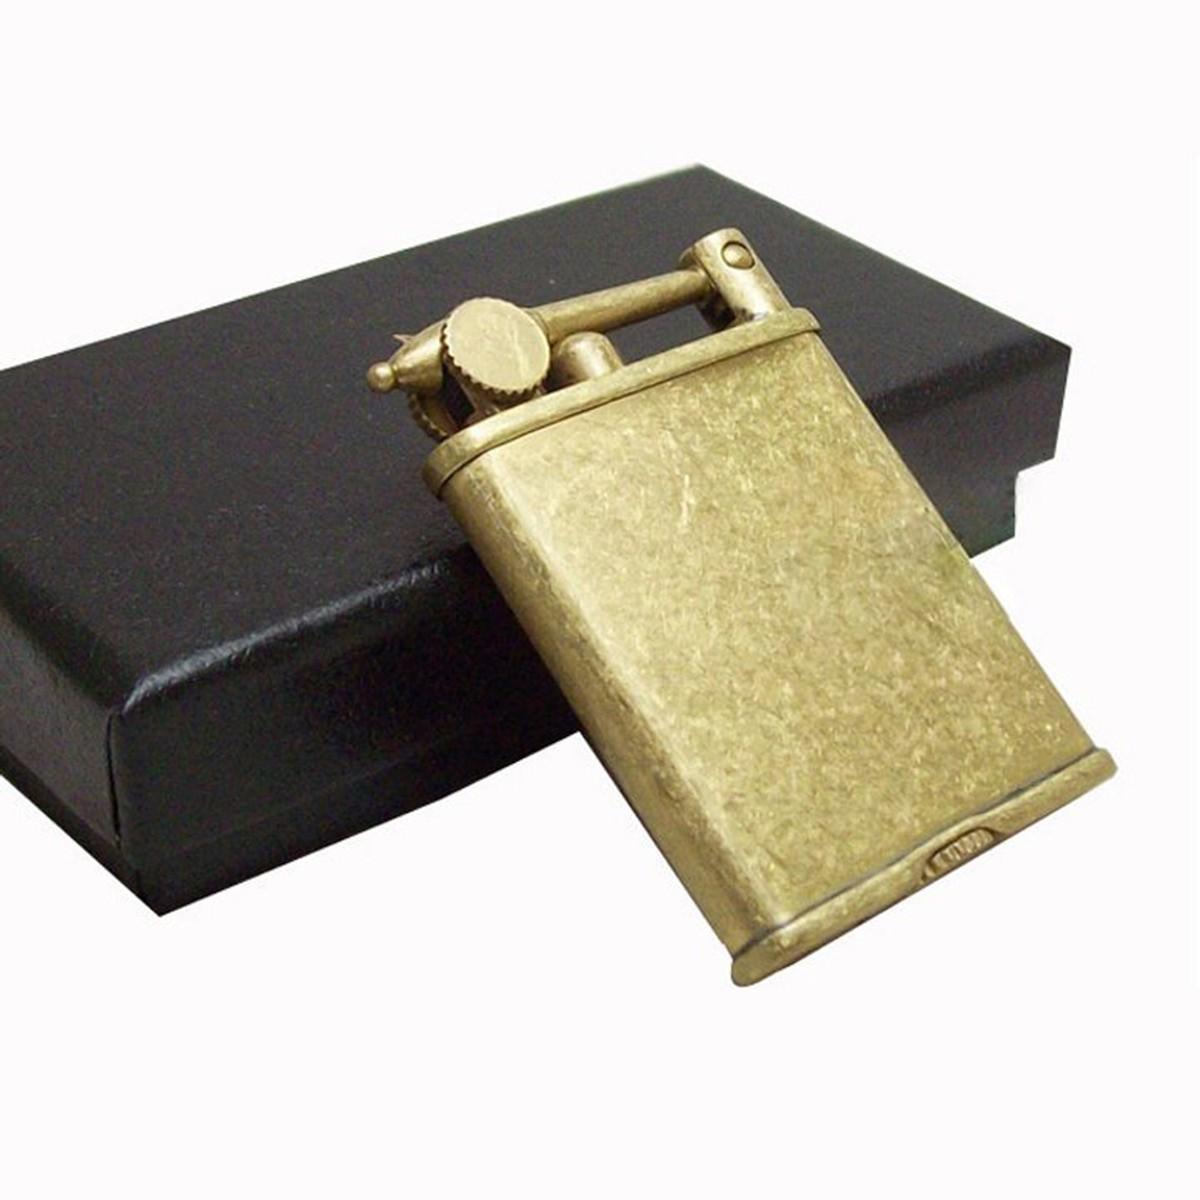 Combo Hộp Quẹt Bật Lửa Xăng Đá Cao Cấp XD-06 Làm Bằng Đồng Nguyên Chất + Tặng Bộ Bấc Đá Chuyên Dụng Cho Bật Lửa